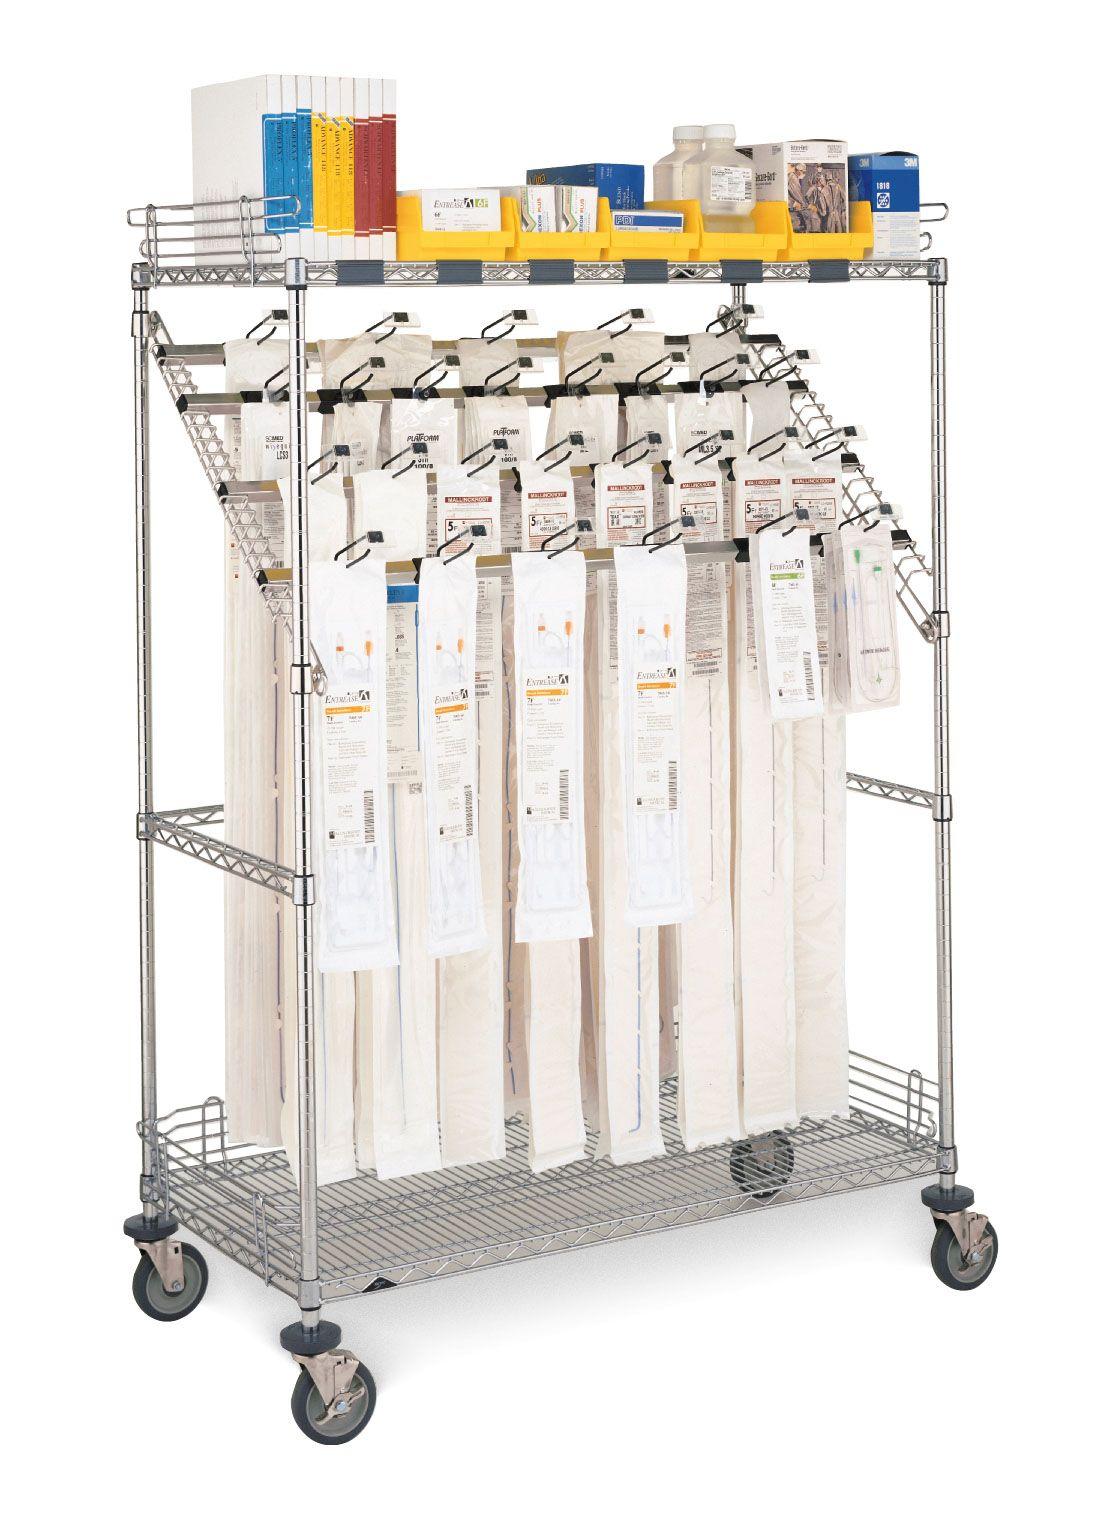 Standard Catheter Cart. #MetroShelving #metroshelving.net #CatheterCart #MetroUtilityCart